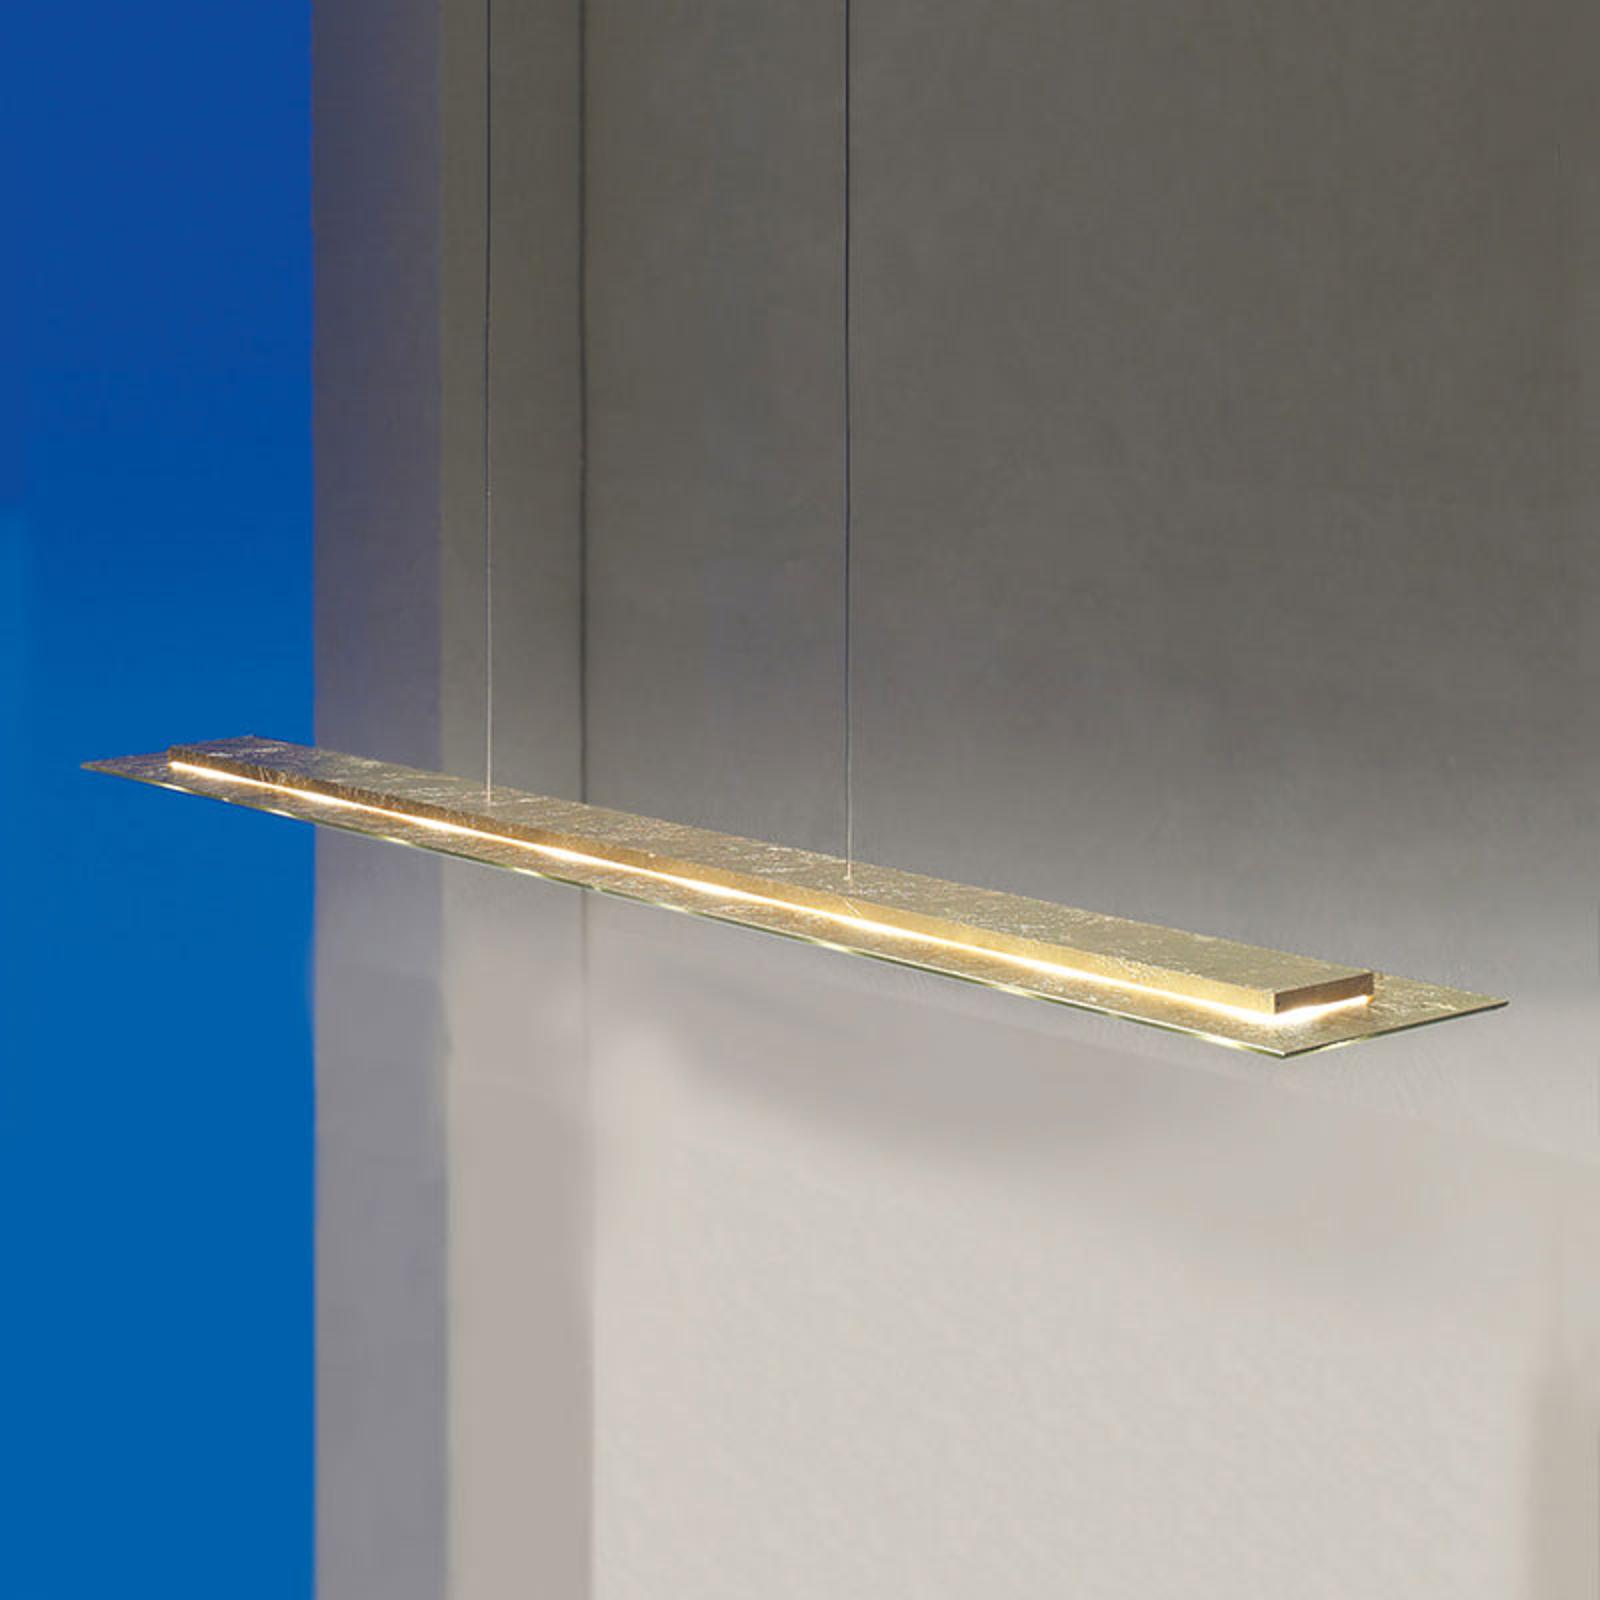 Złocona lampa wisząca Skyline LED ze ściemniaczem